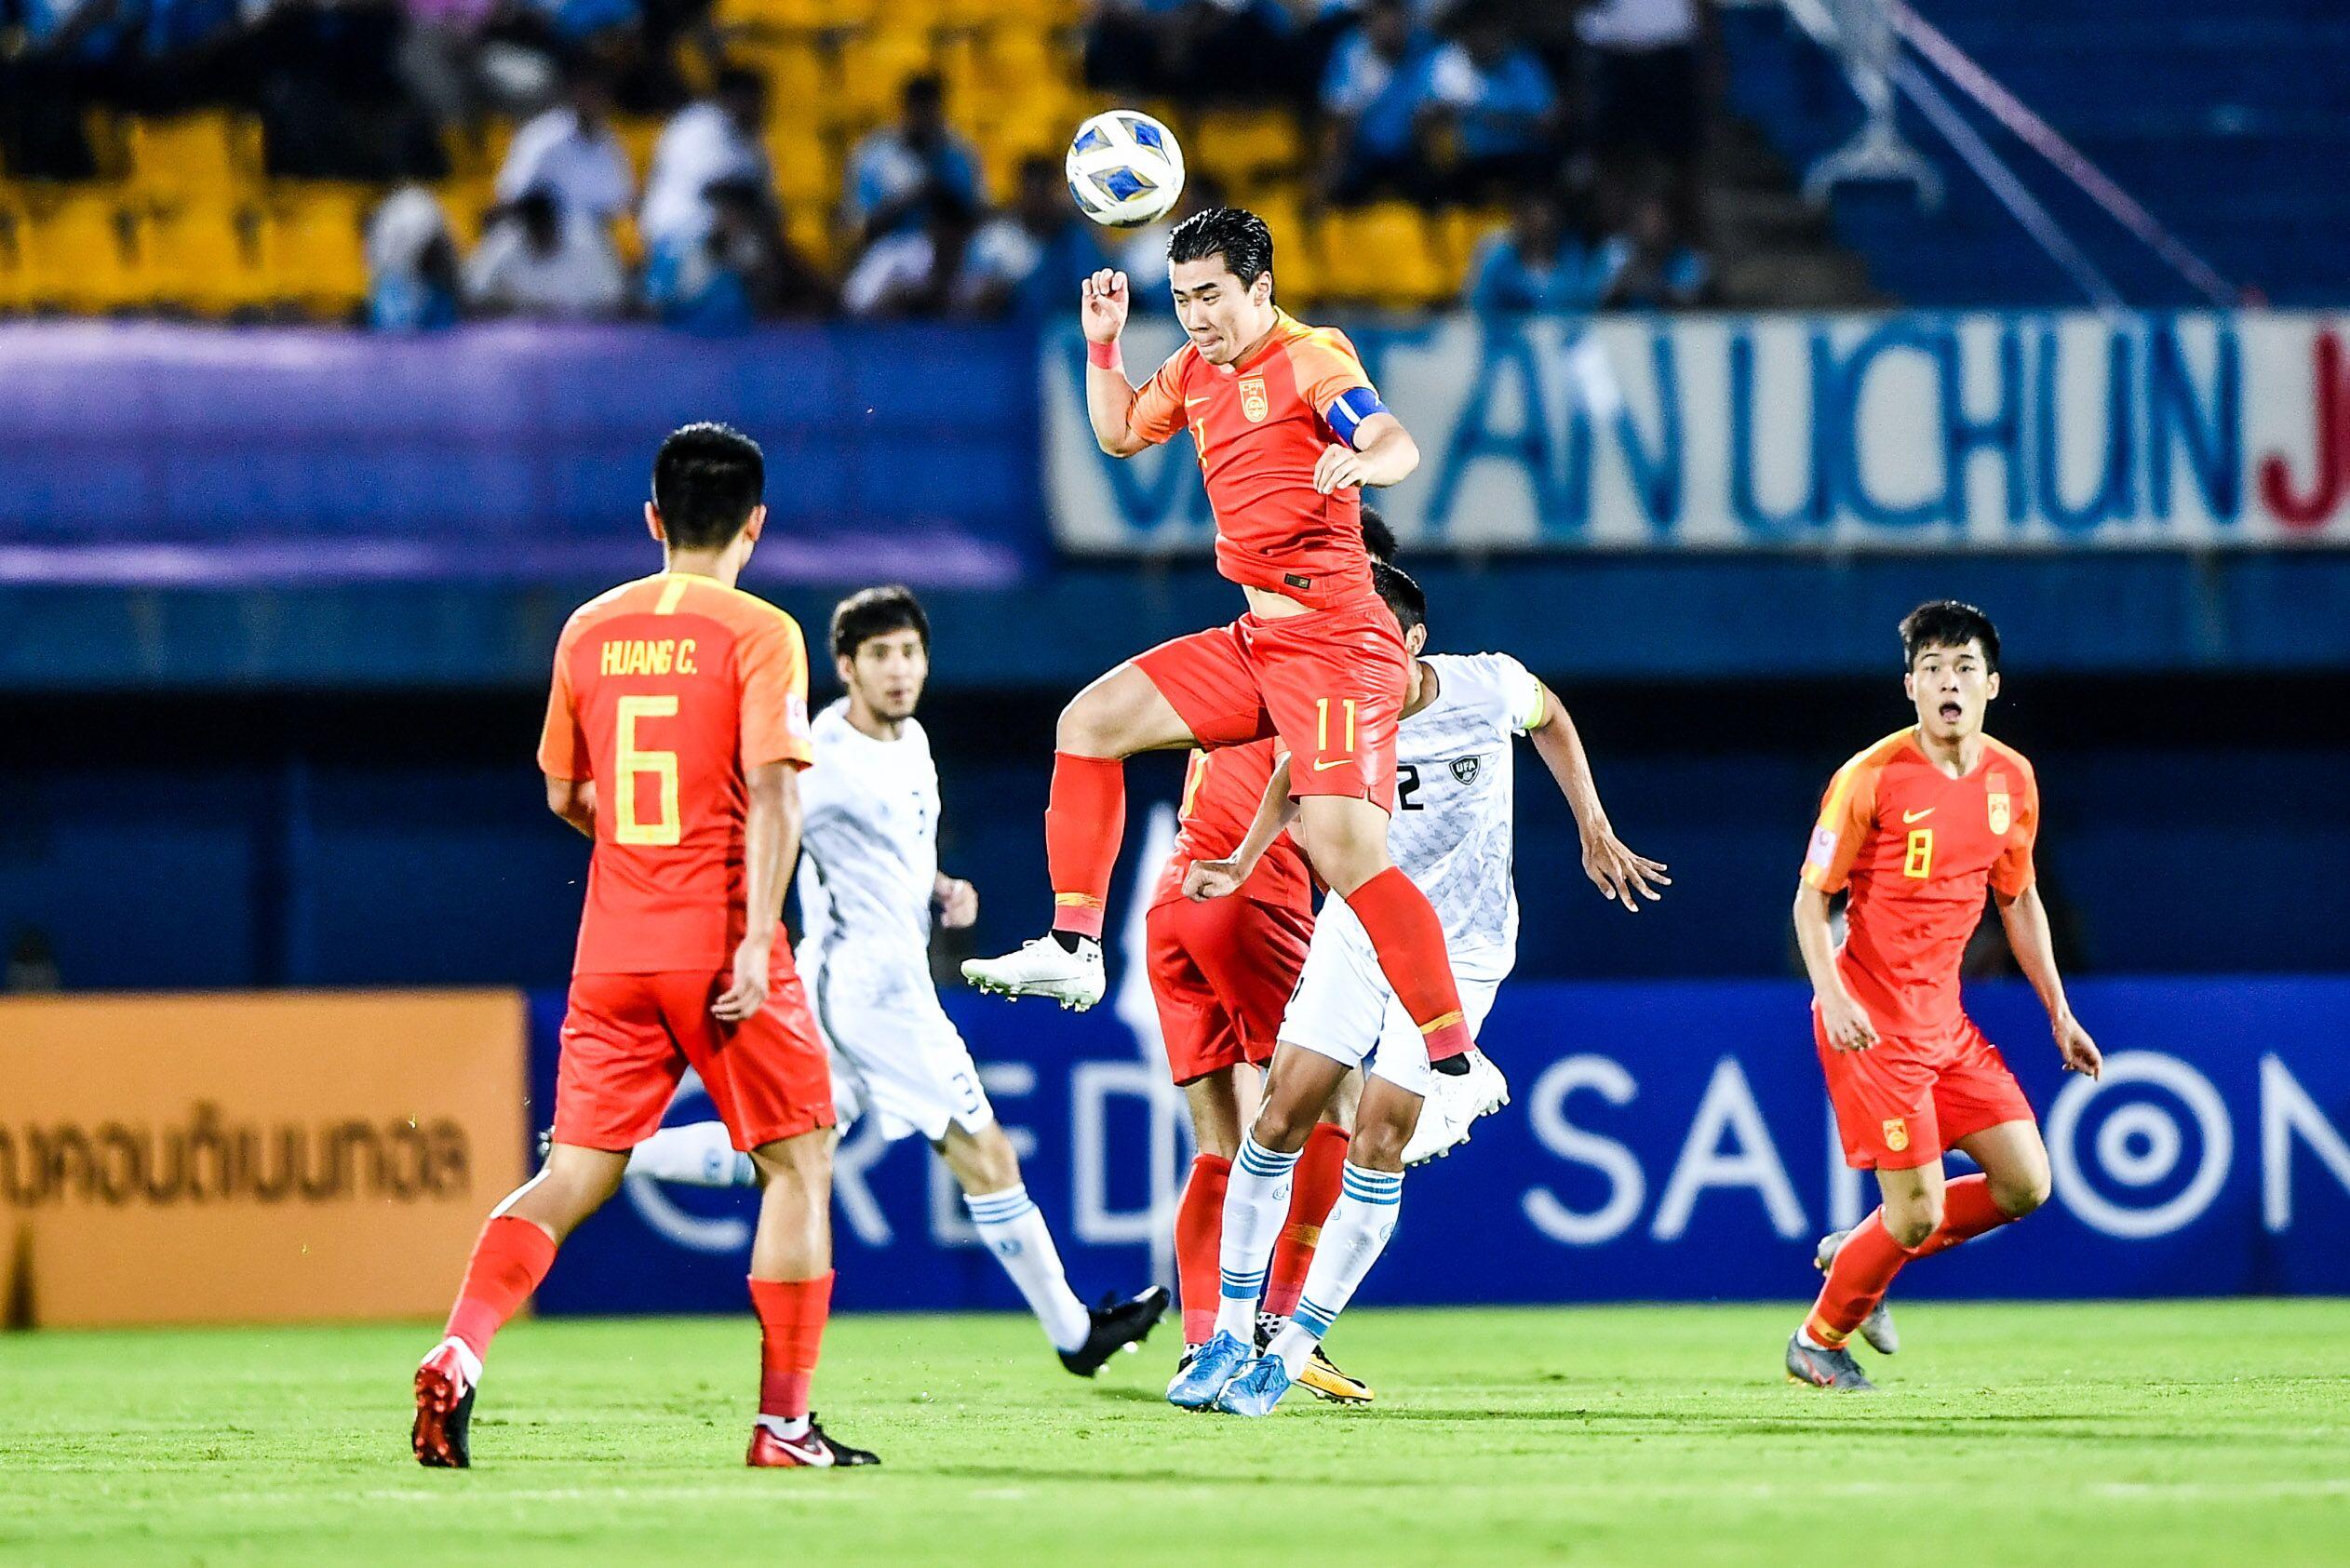 奥预赛:魏震朱辰杰送点,国奥0-2负乌兹提前无缘奥运